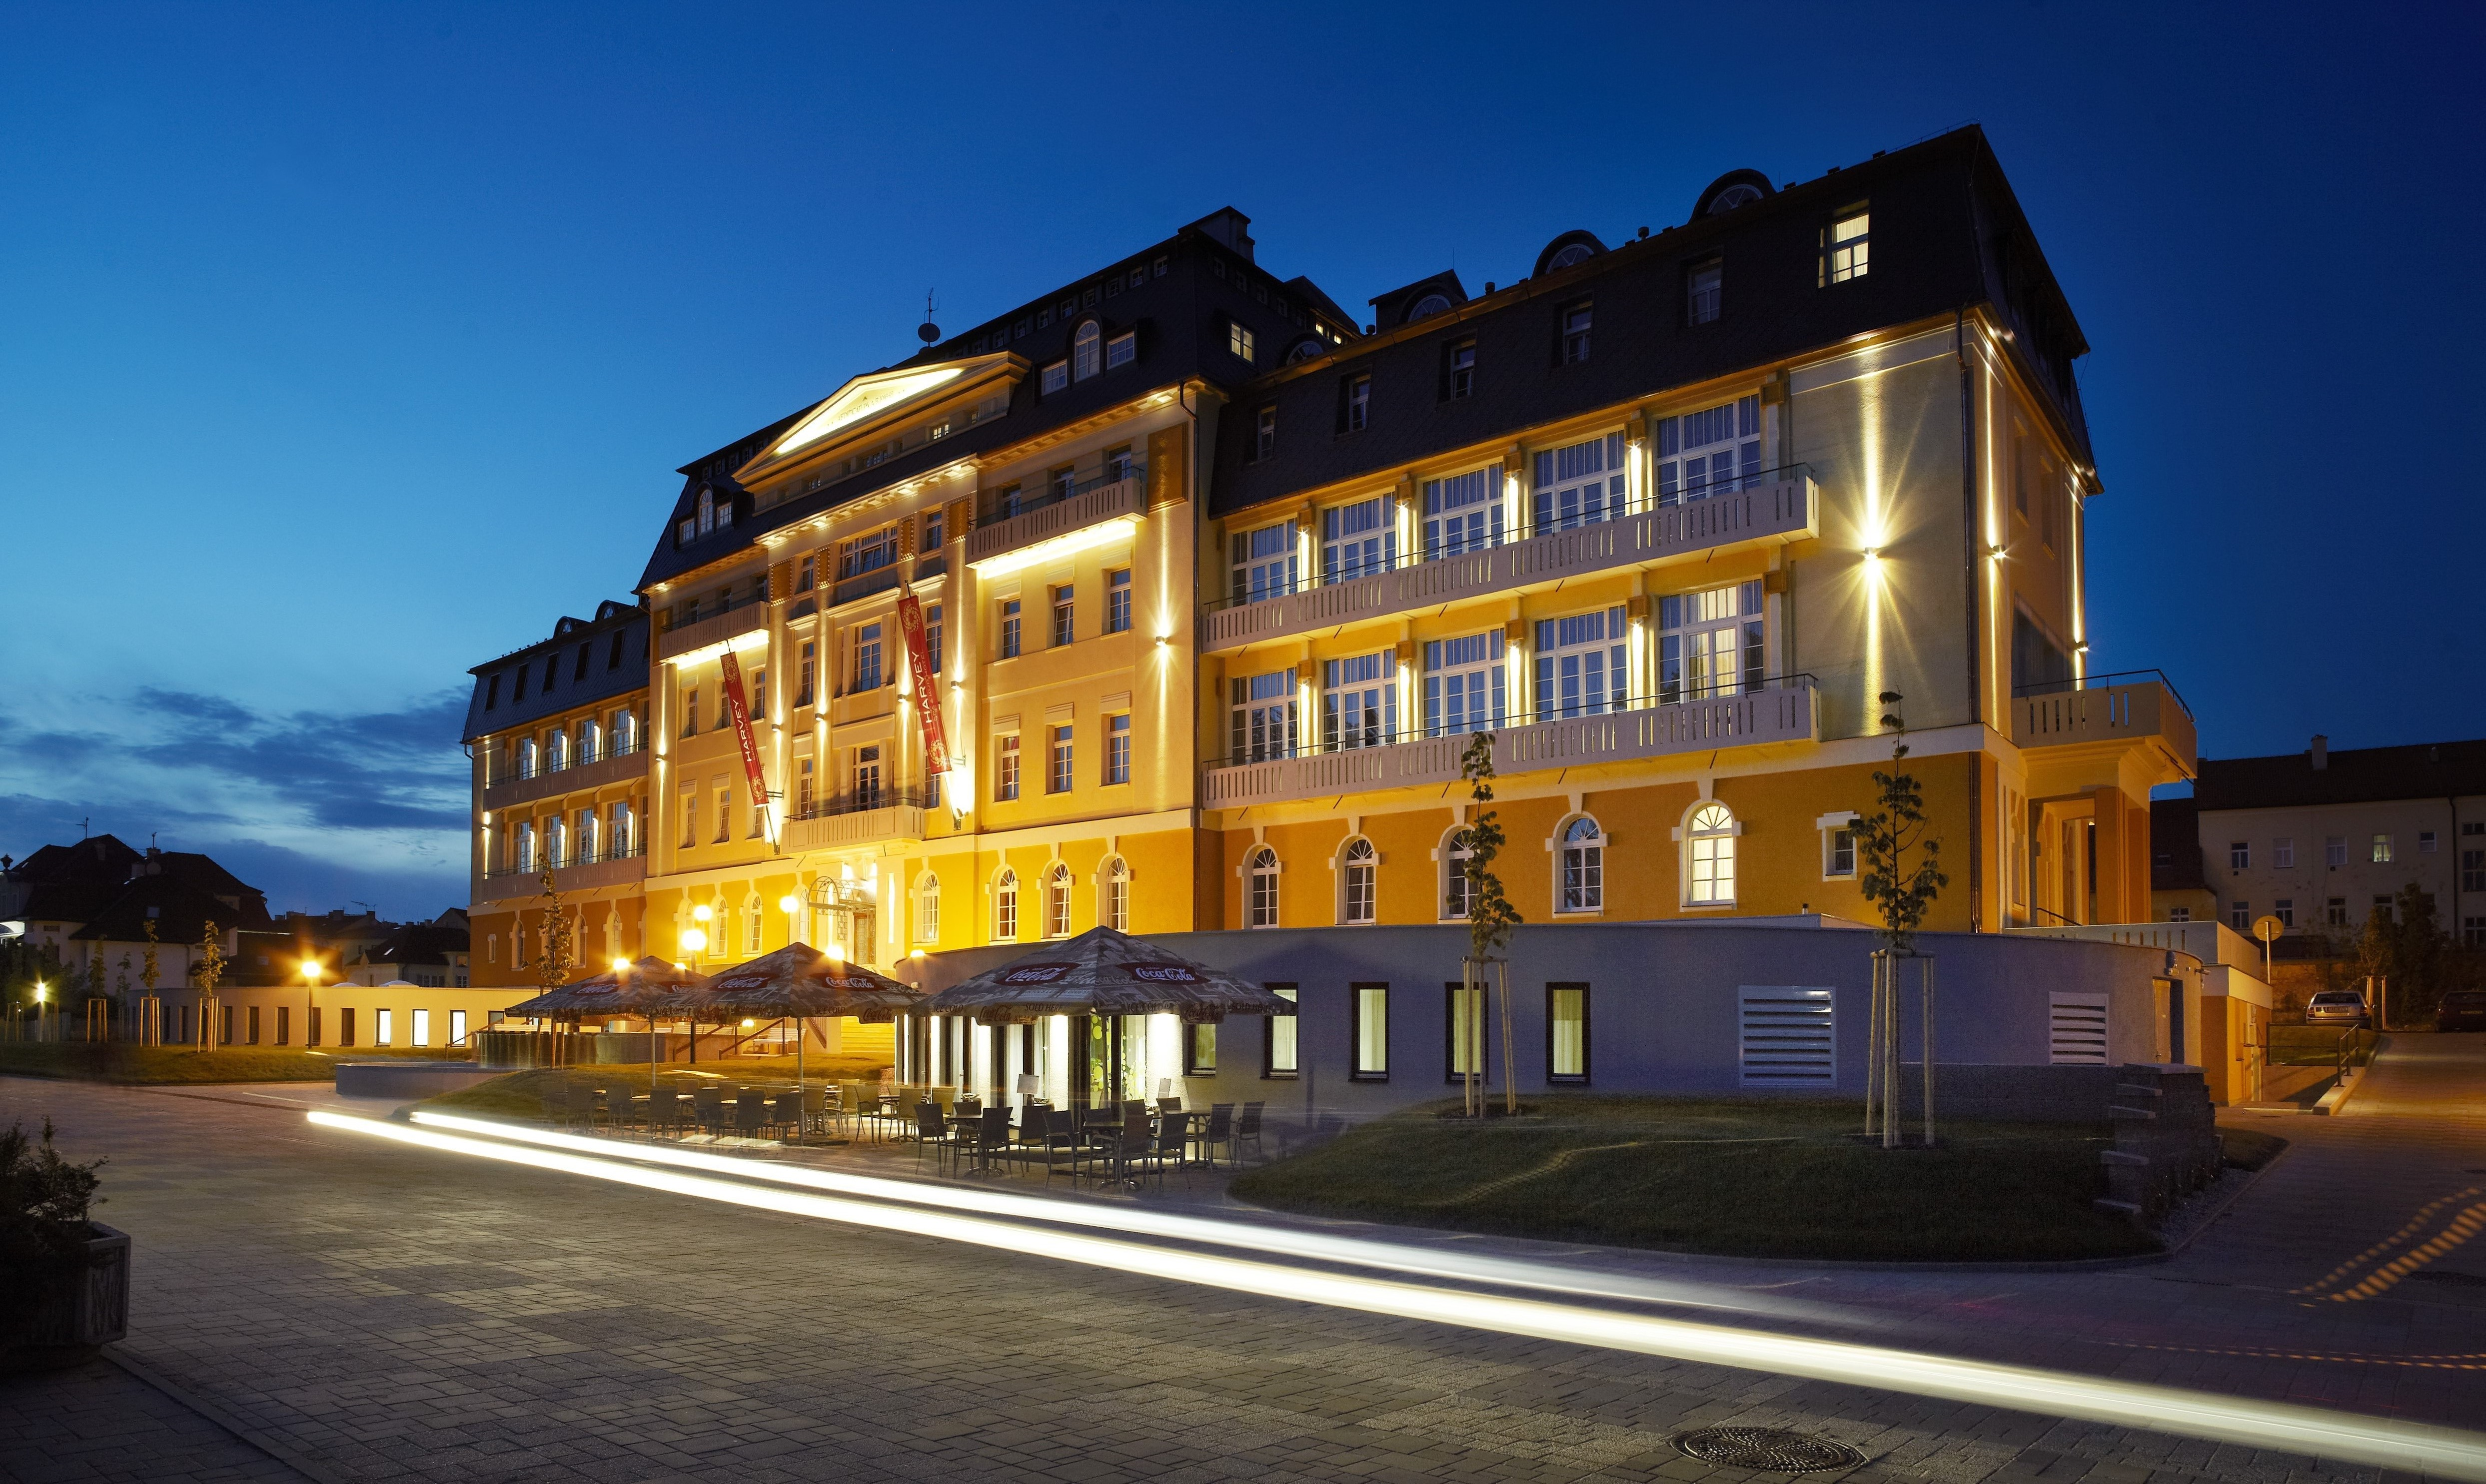 Spa a Kur Hotel, Františkovy Lázně